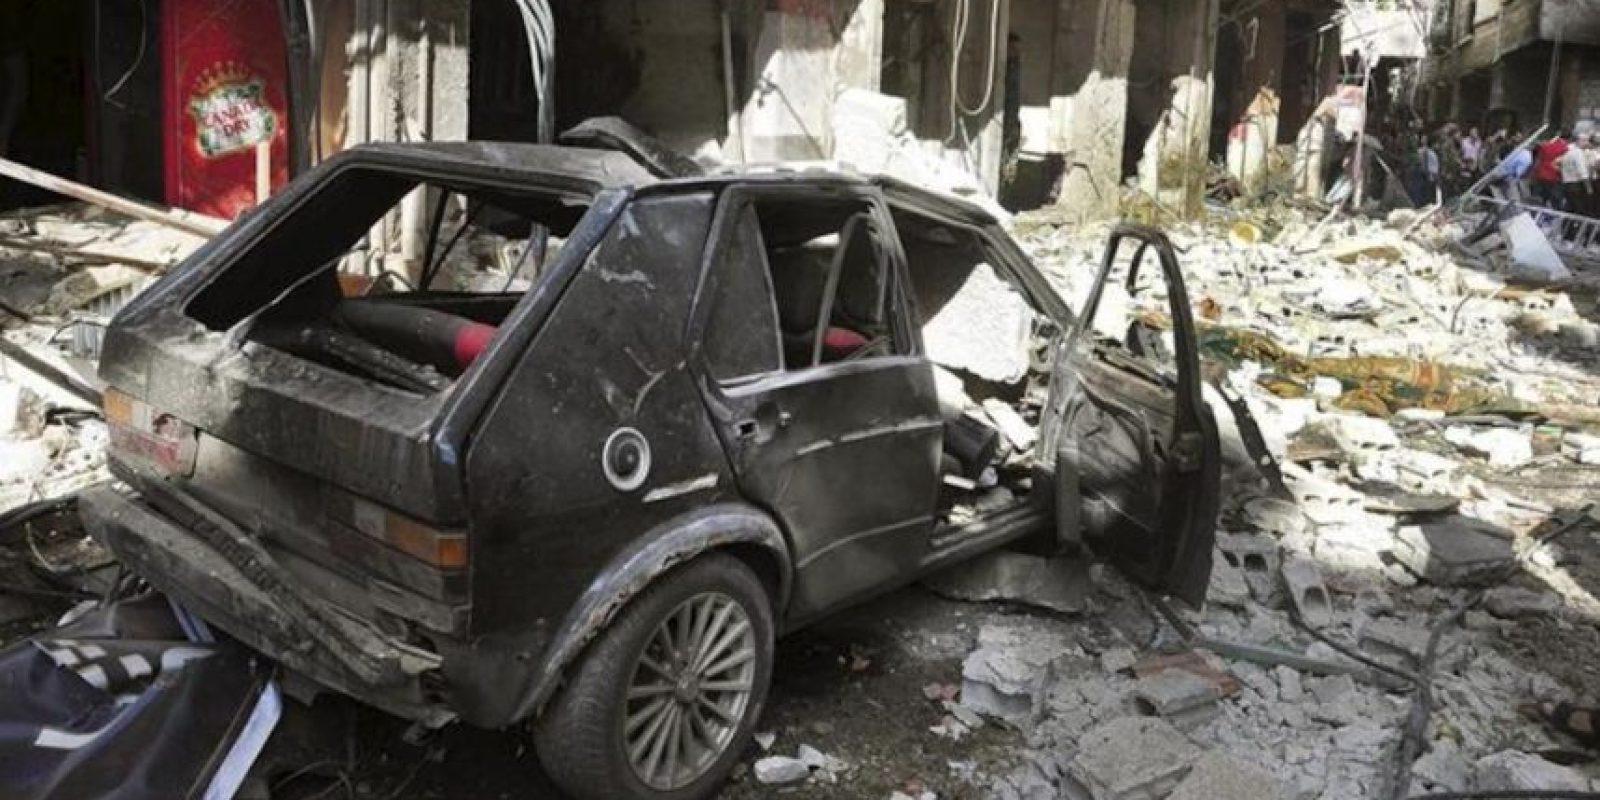 Fotografía cedida por la agencia siria de noticias SANA de un automóvil destrozado en el lugar donde se registó la explosión de un coche bomba en el barrio Al Tadamun, en el sur de Damasco, Siria. EFE